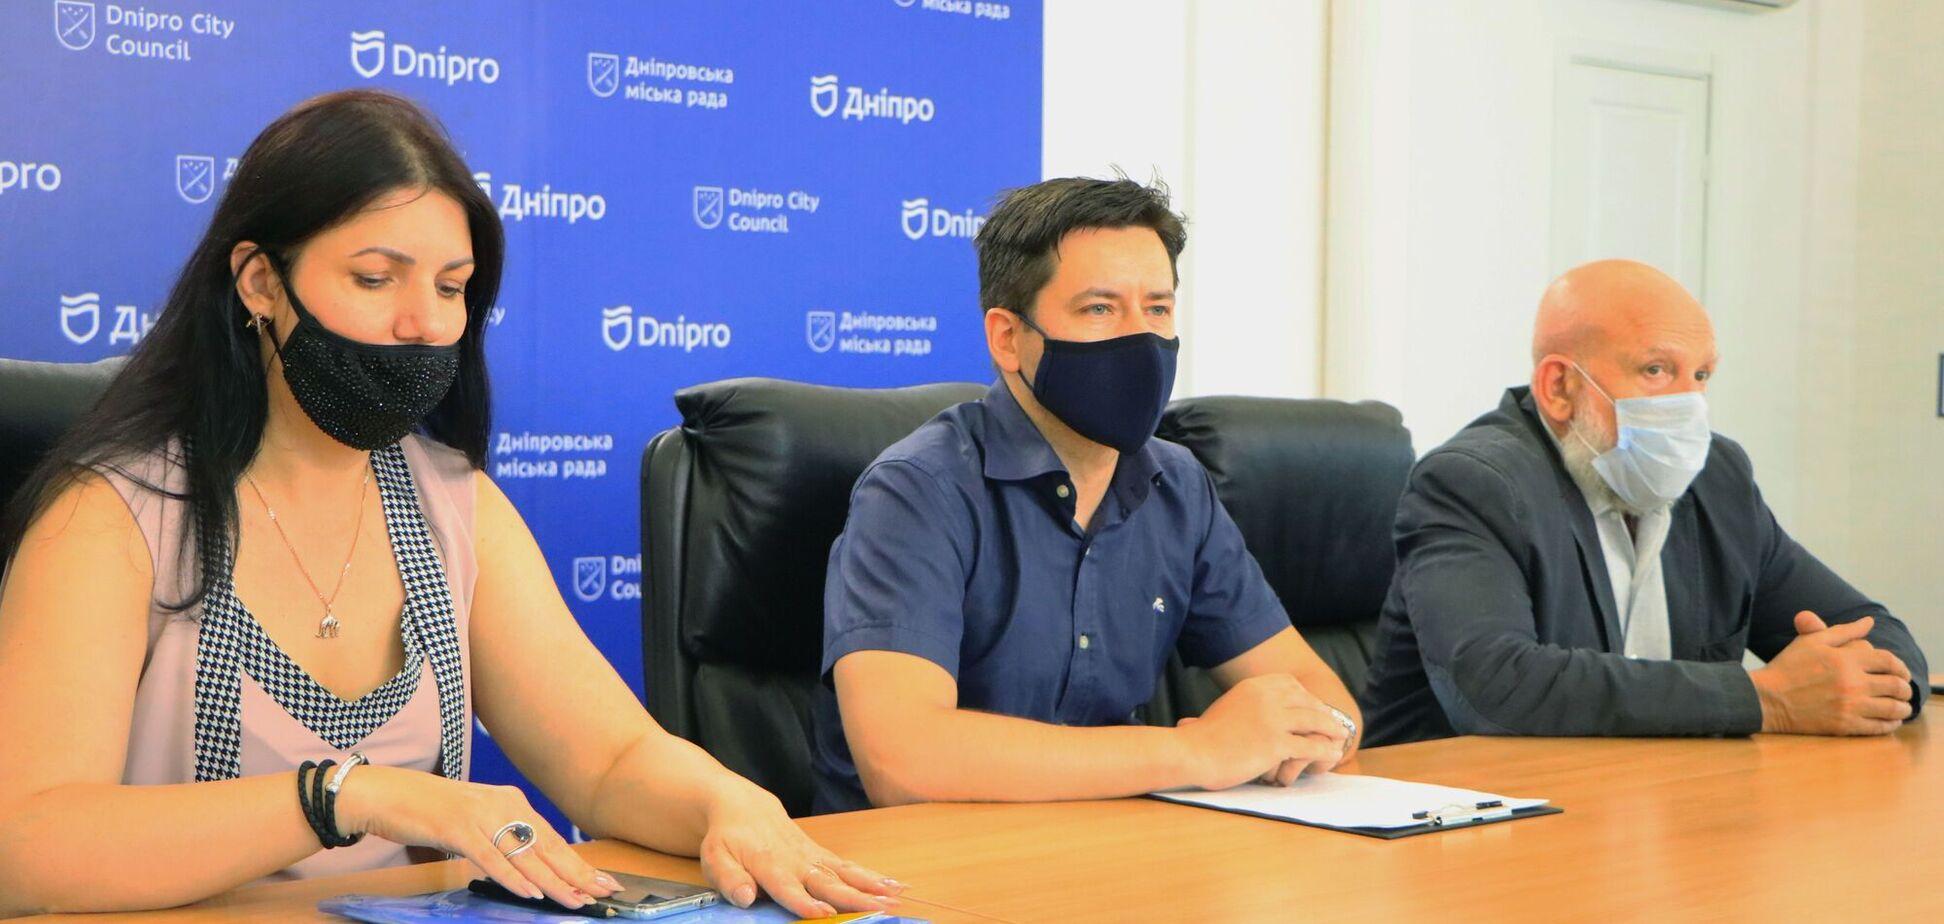 У Дніпрі відбудеться екологічний форум 'Urban Congress Dnipro'